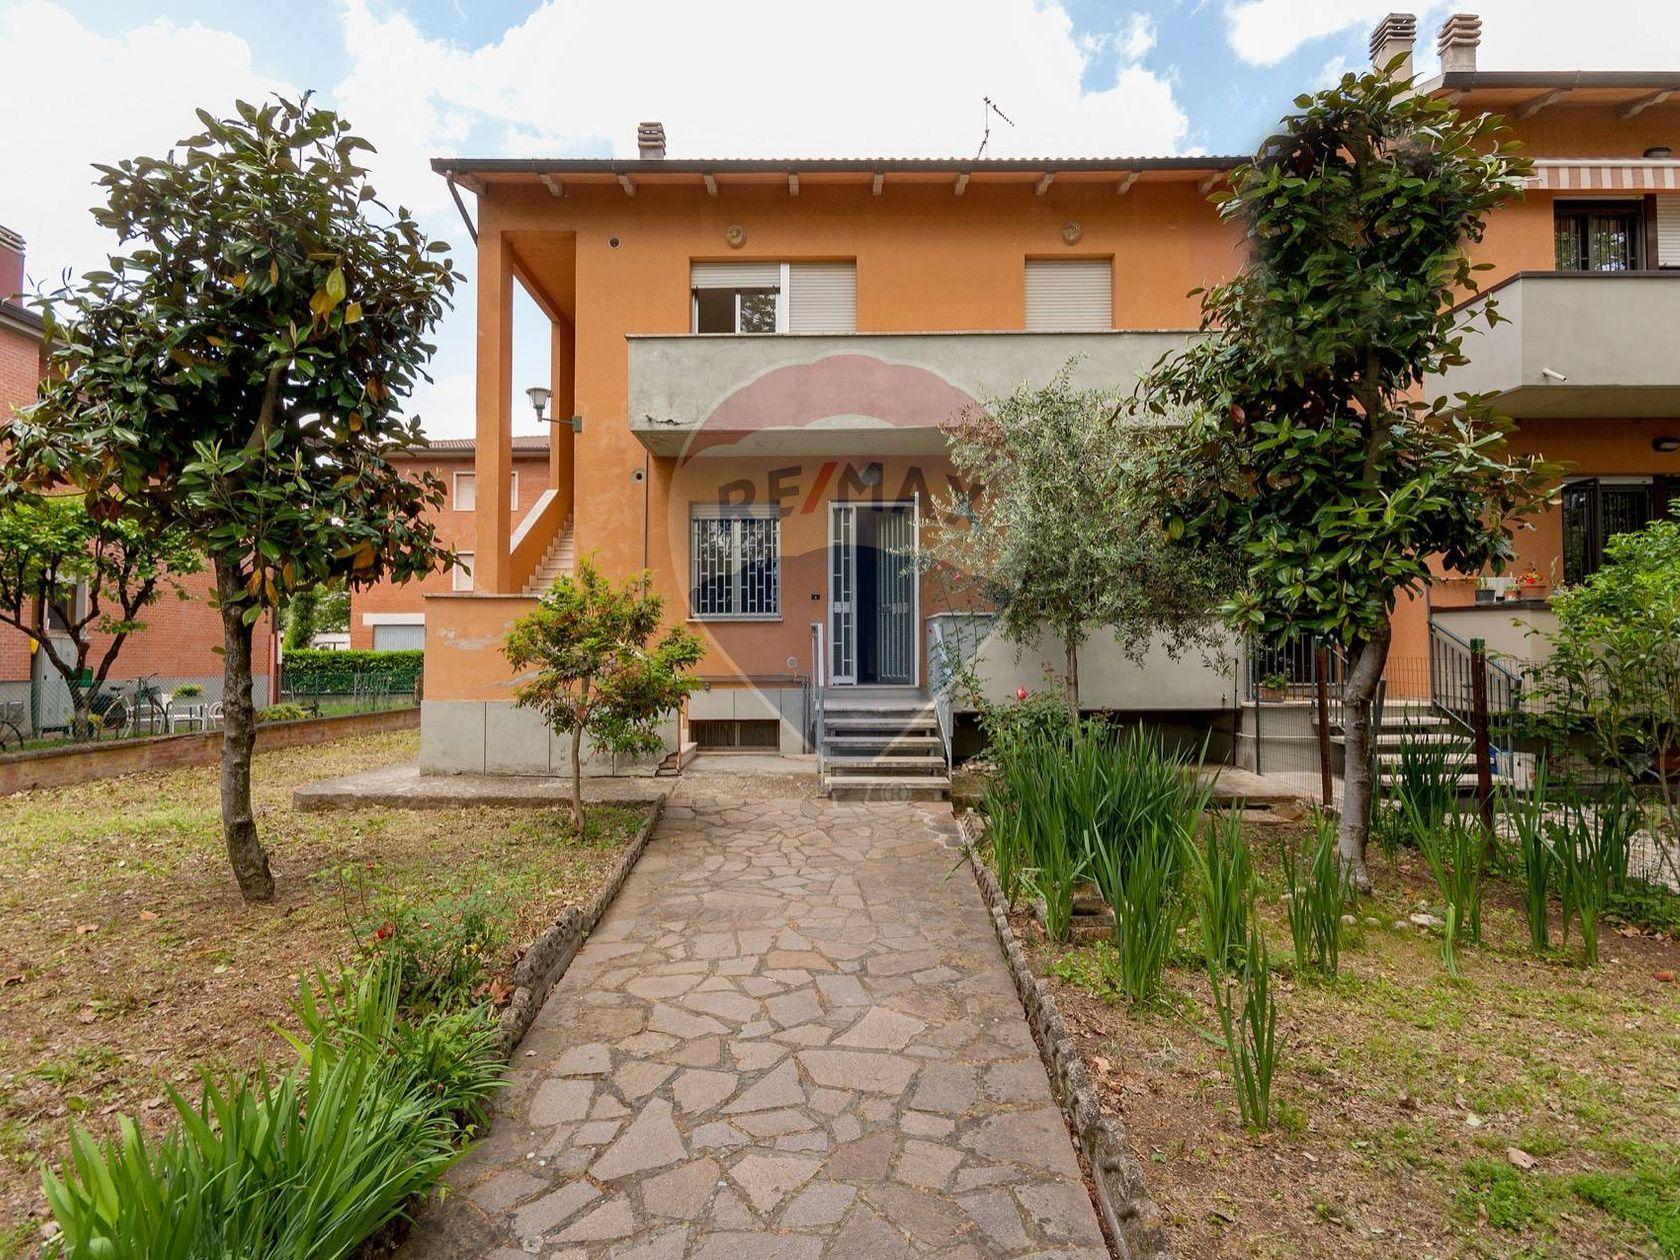 Casa Semindipendente Osteria Grande, Castel San Pietro Terme, BO Vendita - Foto 2